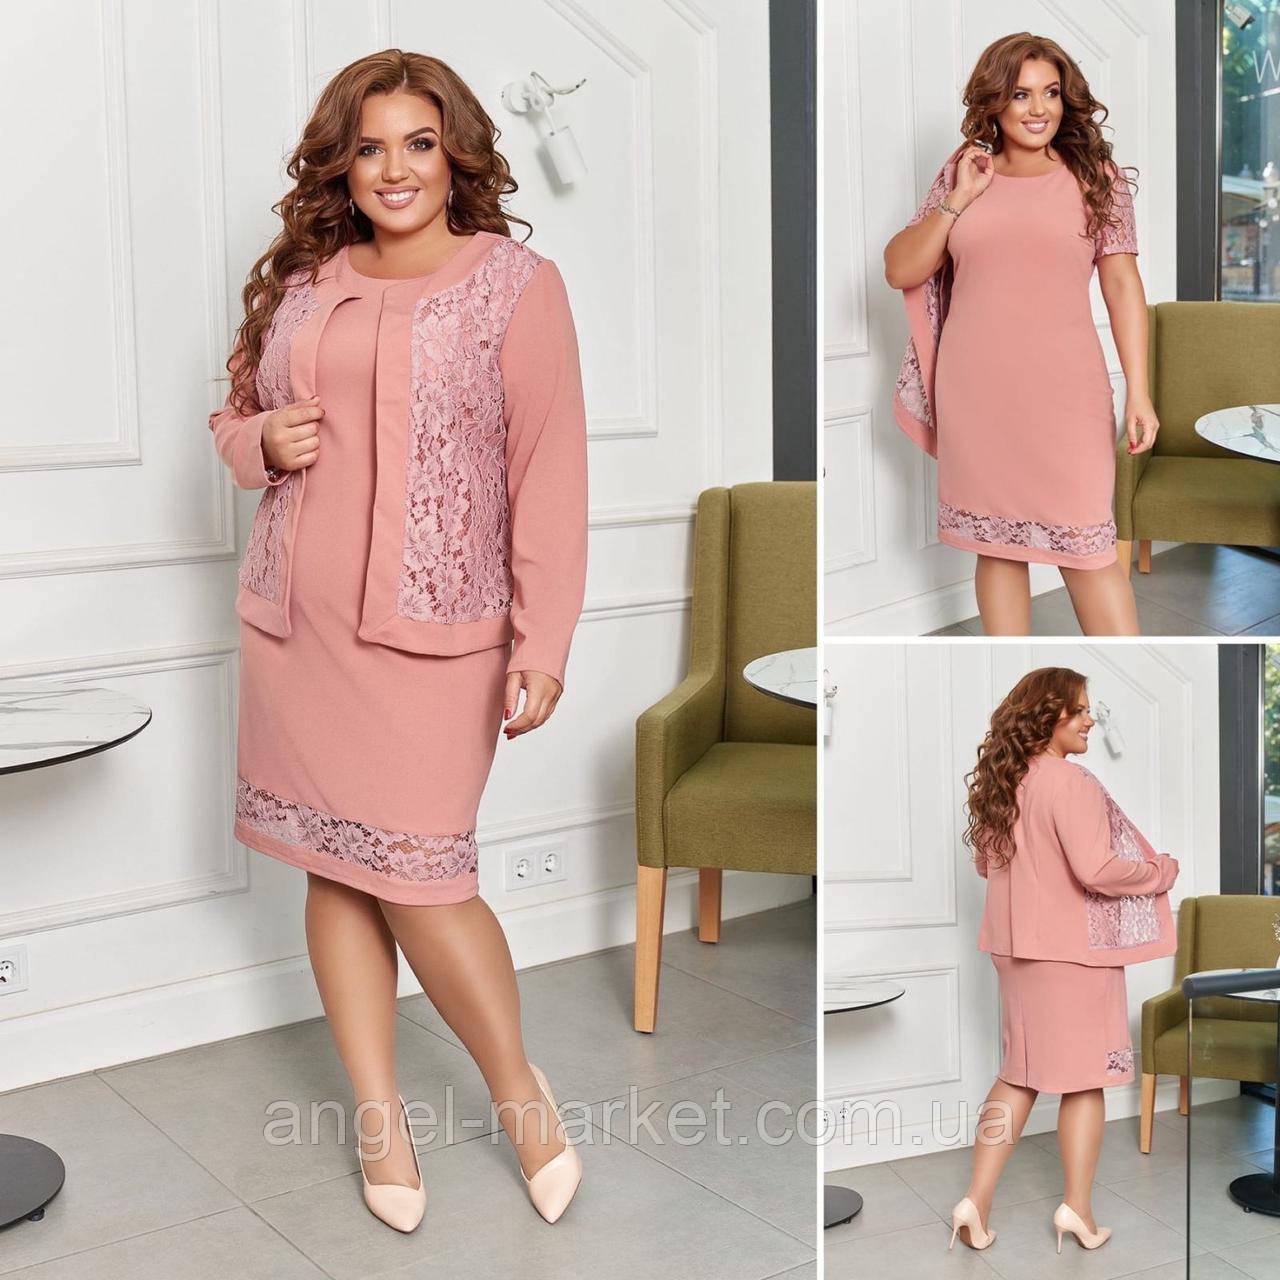 Женское нарядный костю(пиджак+платье)Батал.Новинка 2020